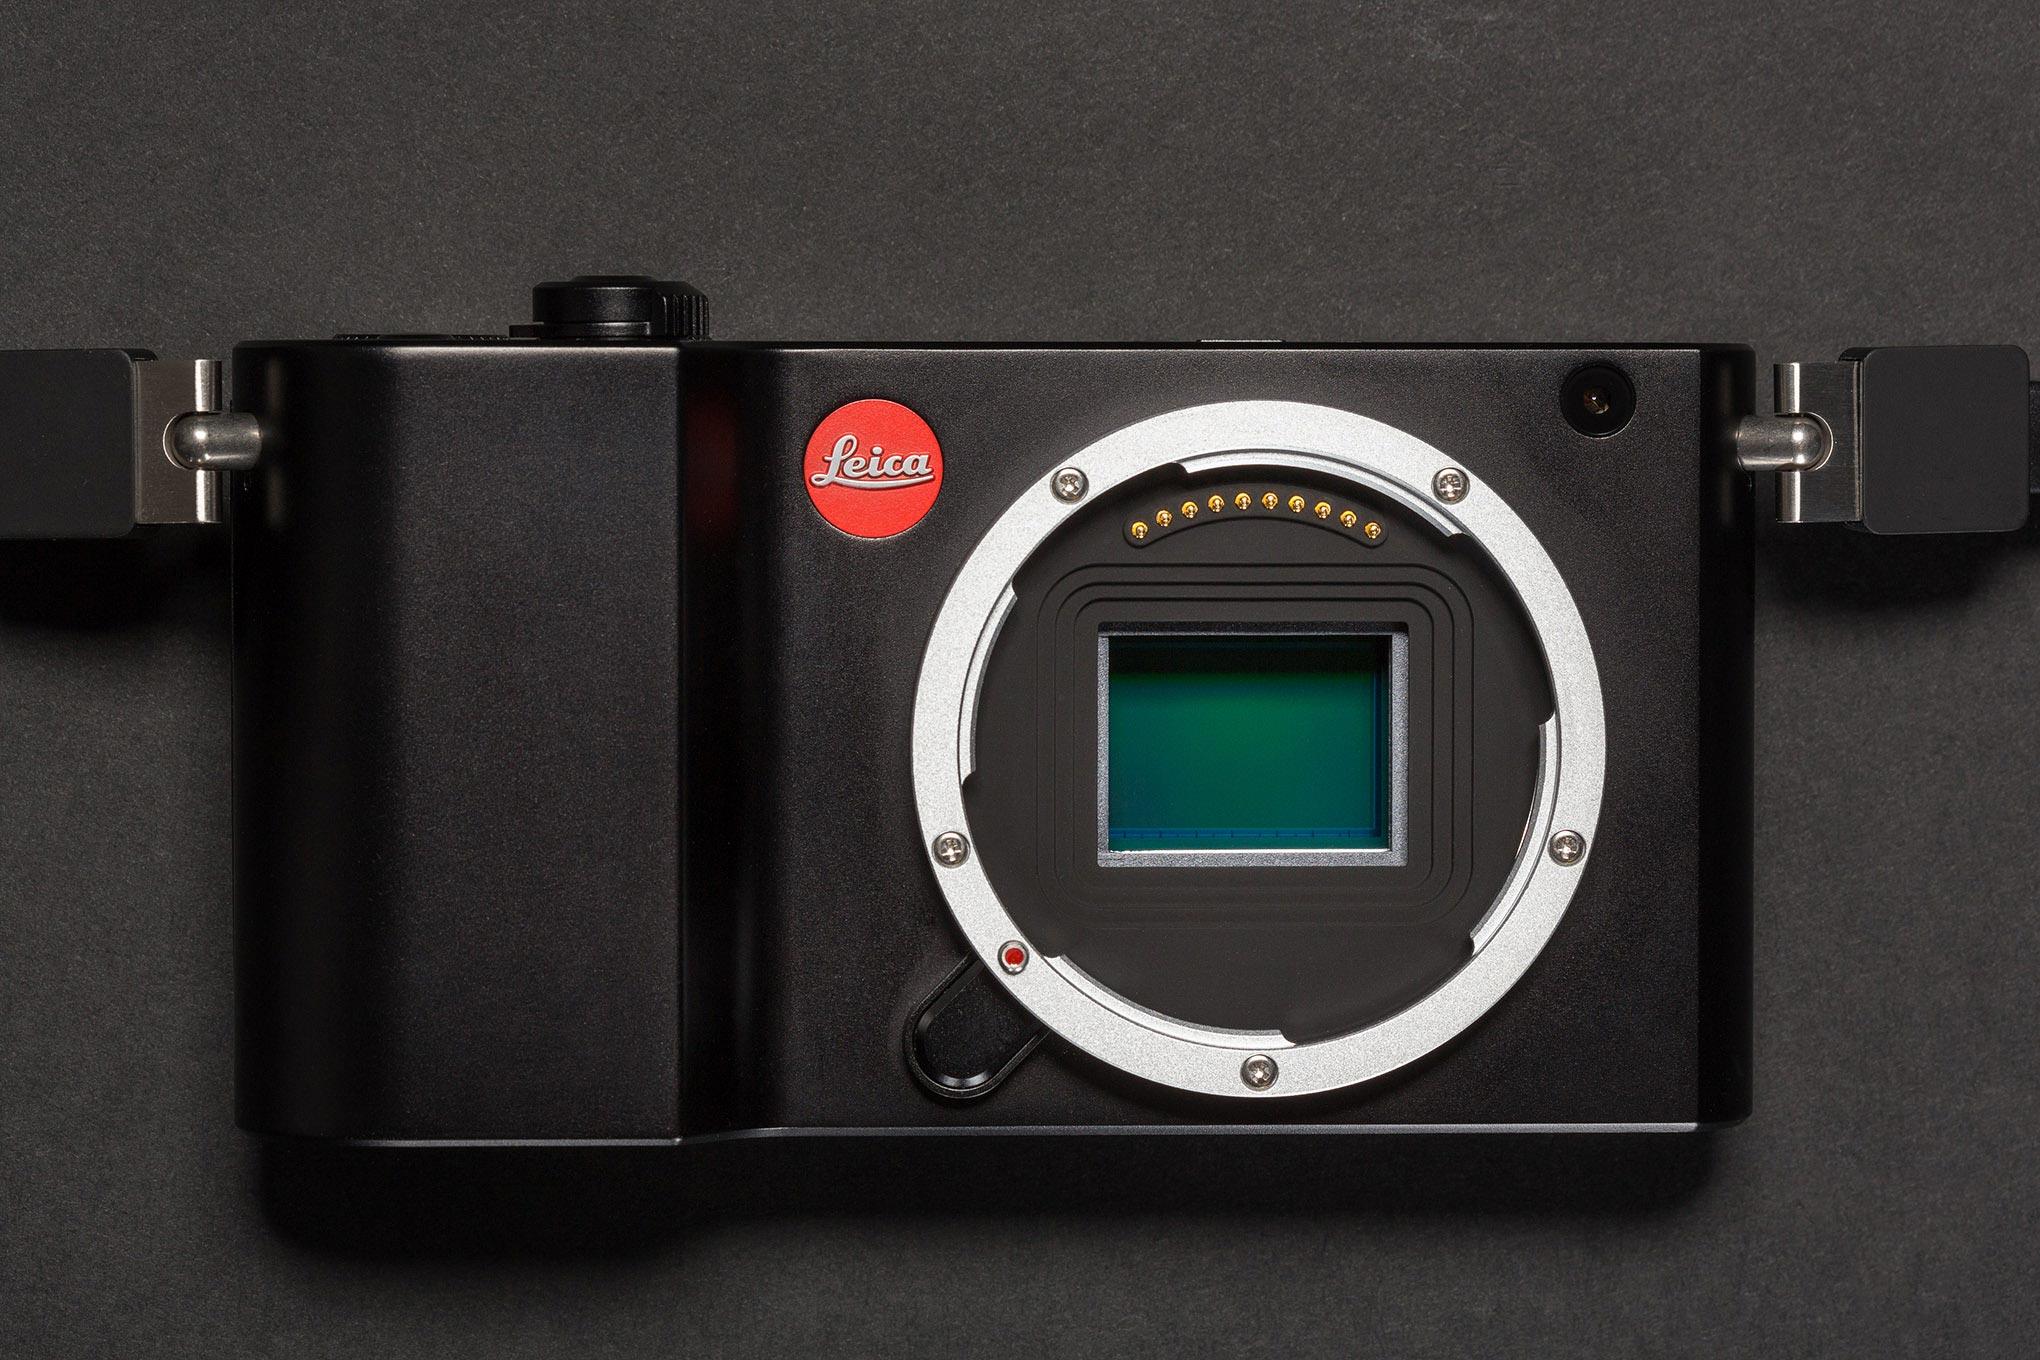 -camera-reviews Leica TL2 1 - لایکا TL2 را معرفی کرد؛ دوربینی بدون آینه با هزینه 2 هزار دلاری